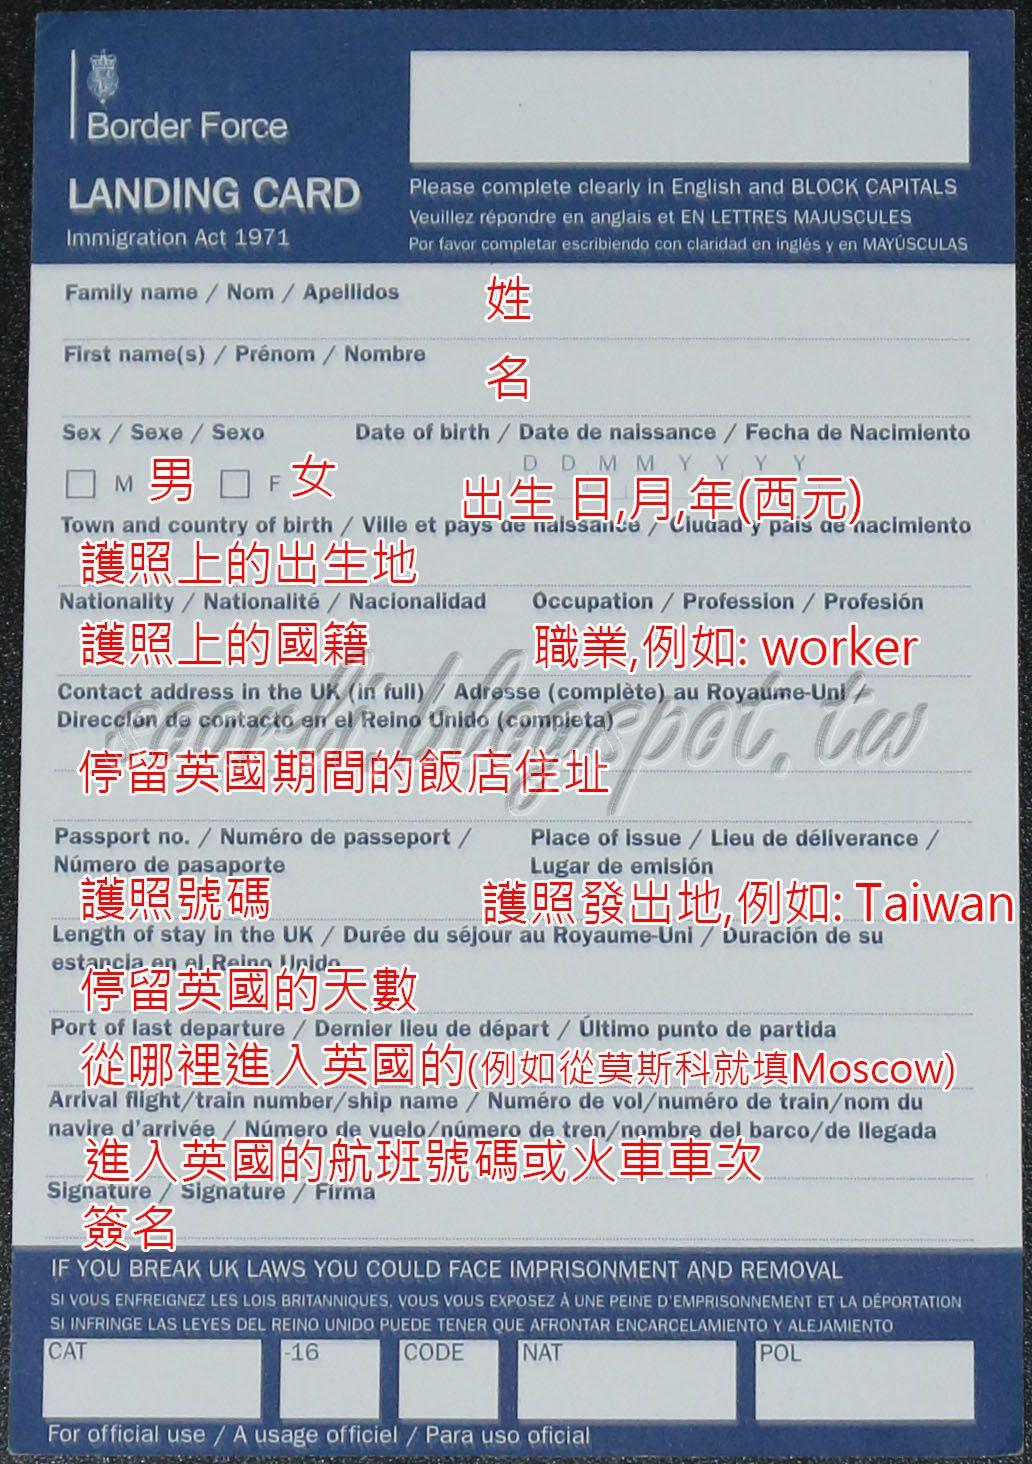 柚子的自由行說明書: 英國入境卡填寫教學 & 英國/法國 4G/3G 行動上網教學 (3 Three Mobile)   201506 英法俄自由行